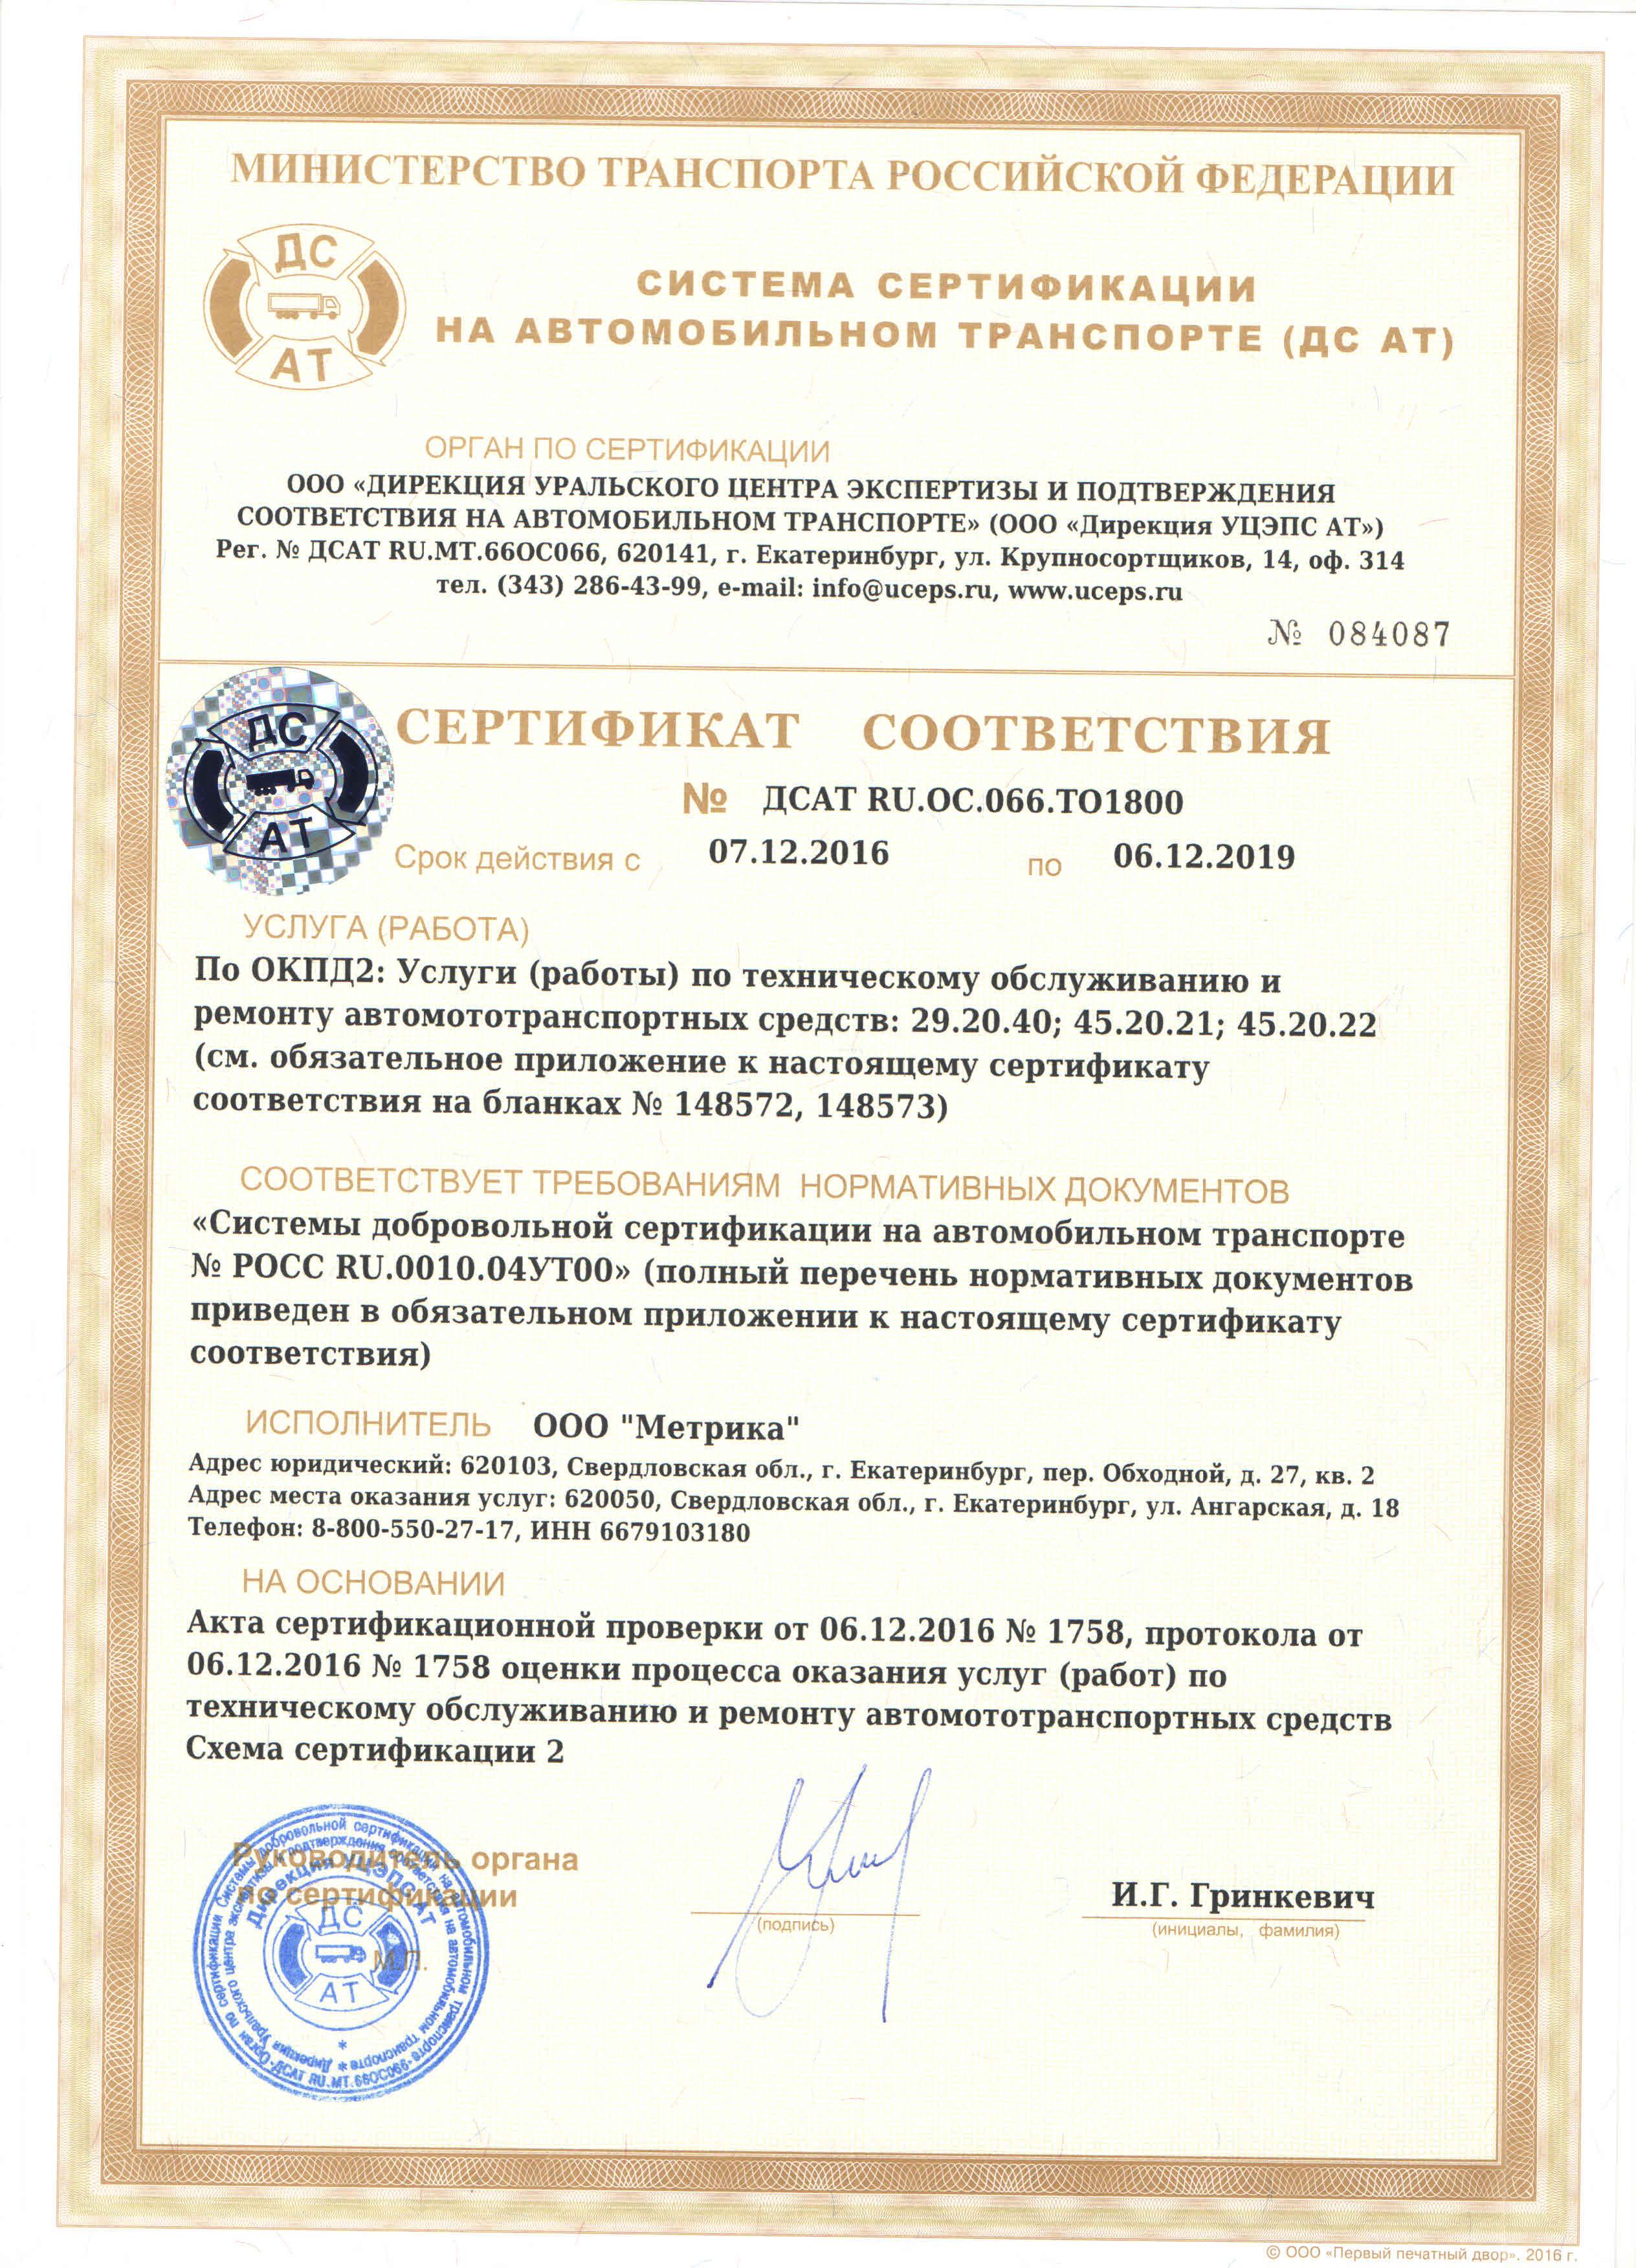 sertifikat-ds-at